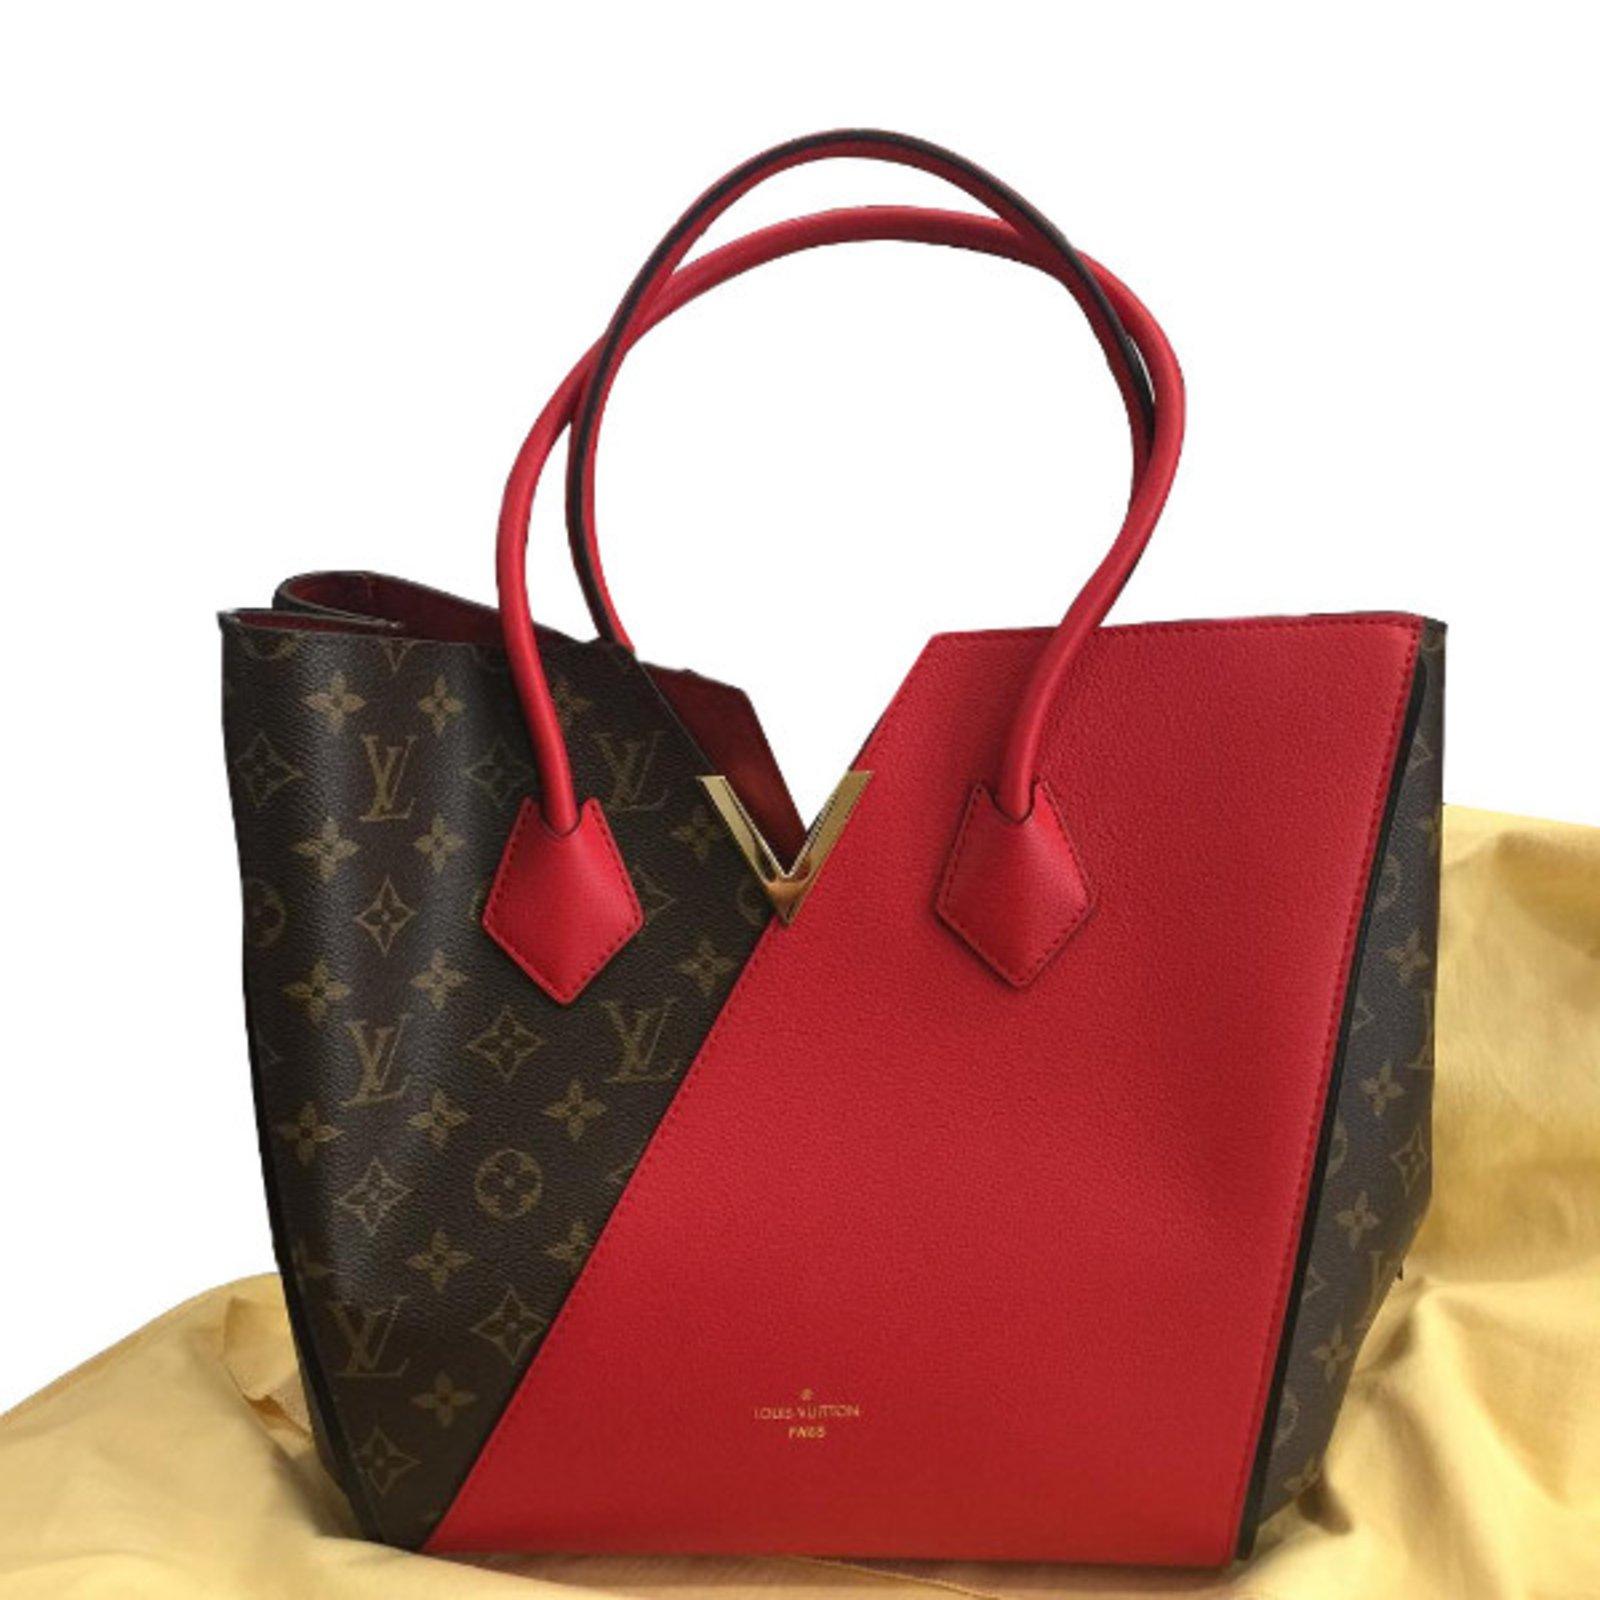 5e3ef81a7b35 sac a main rouge louis vuitton. Je veux voir plus de Sacs à main bien notés  par les internautes et pas cher ICI